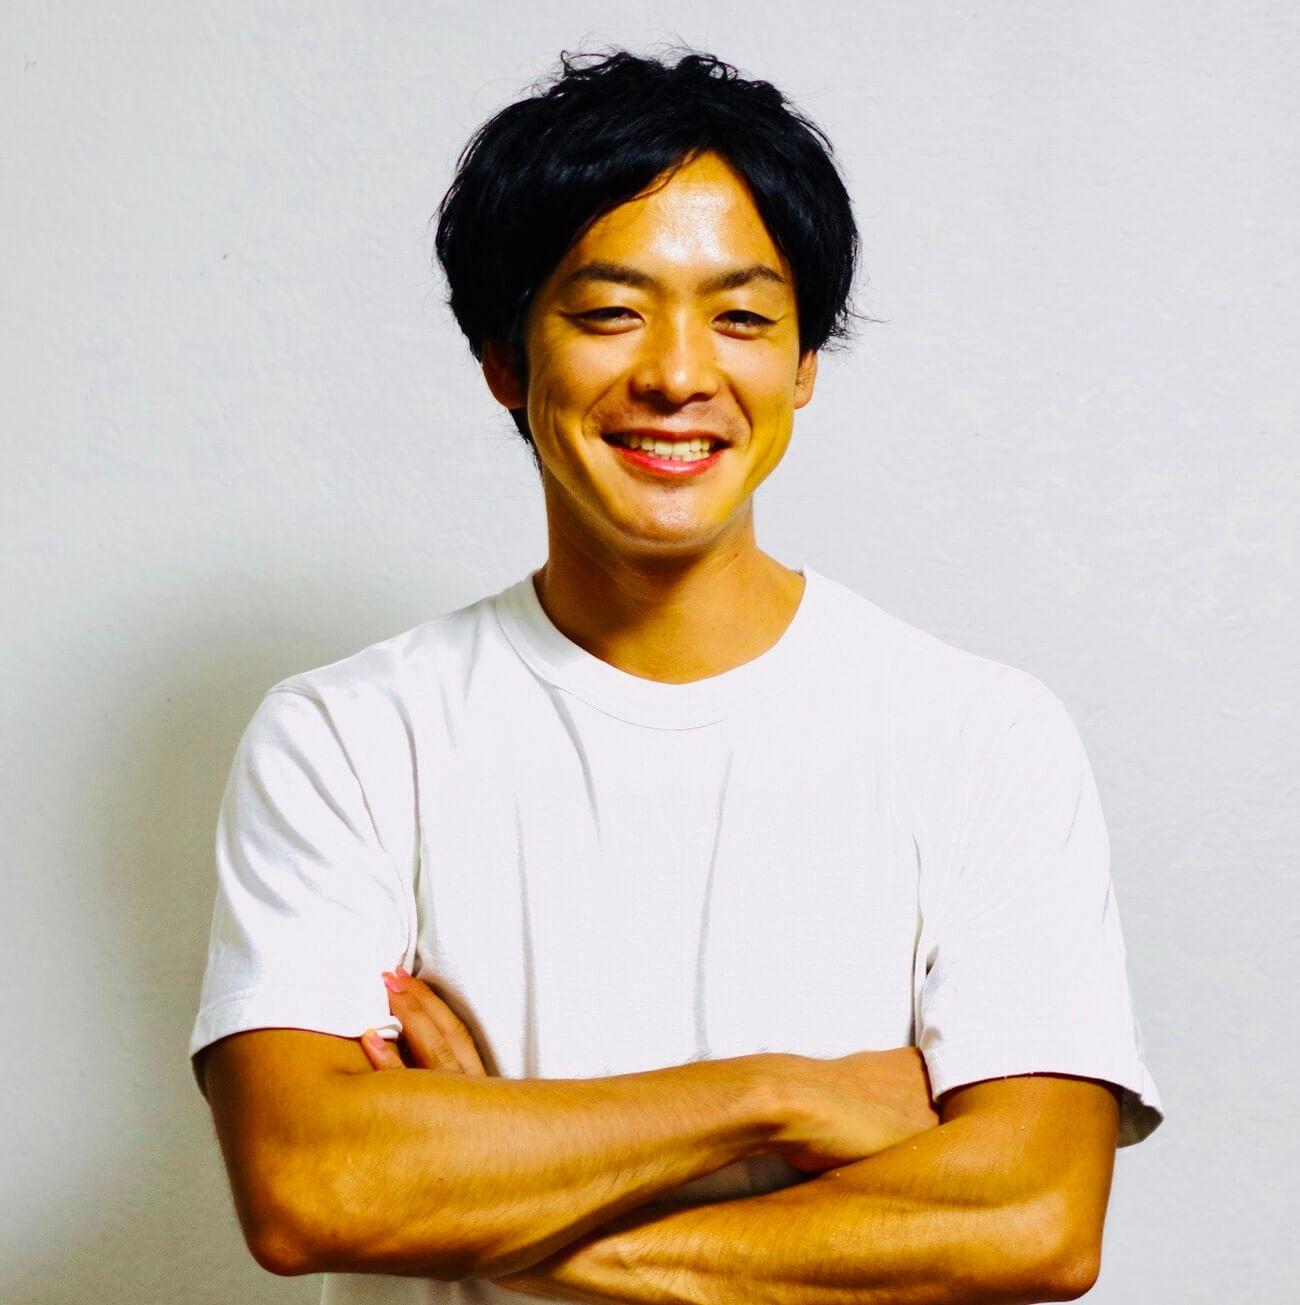 監修者・加藤潤也のプロフィール画像